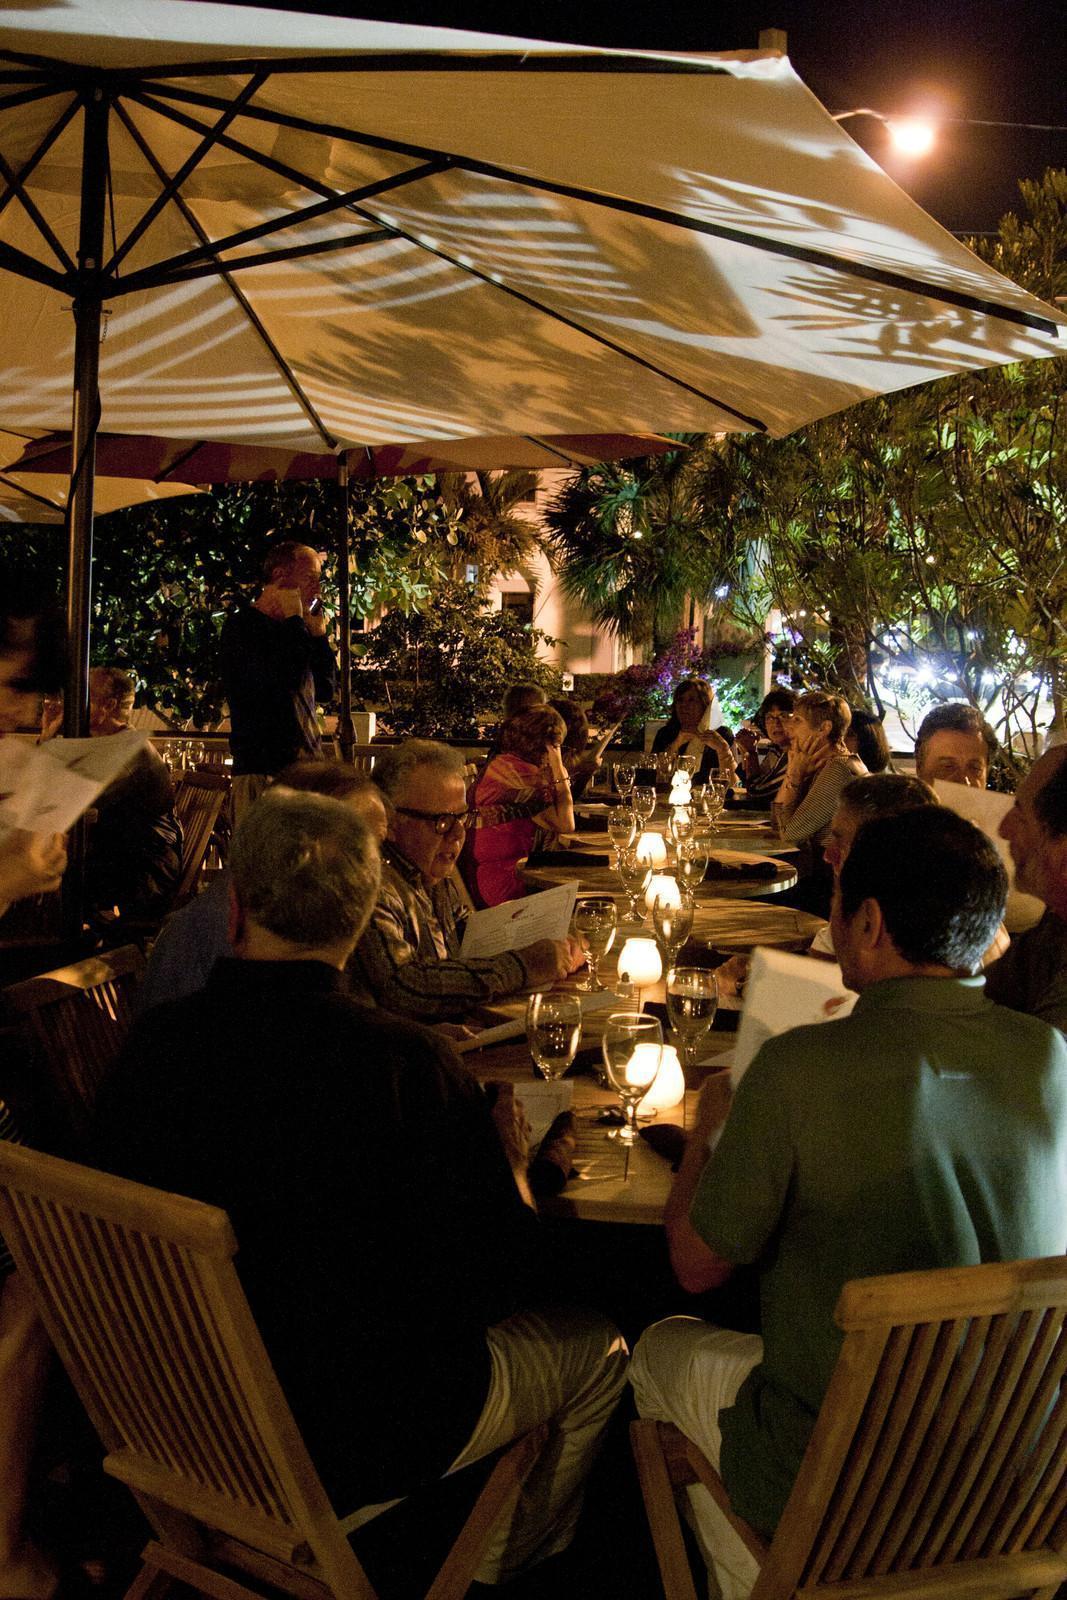 Rigatoni alla rosmarino, Brio Tuscan Grille - southflorida.com